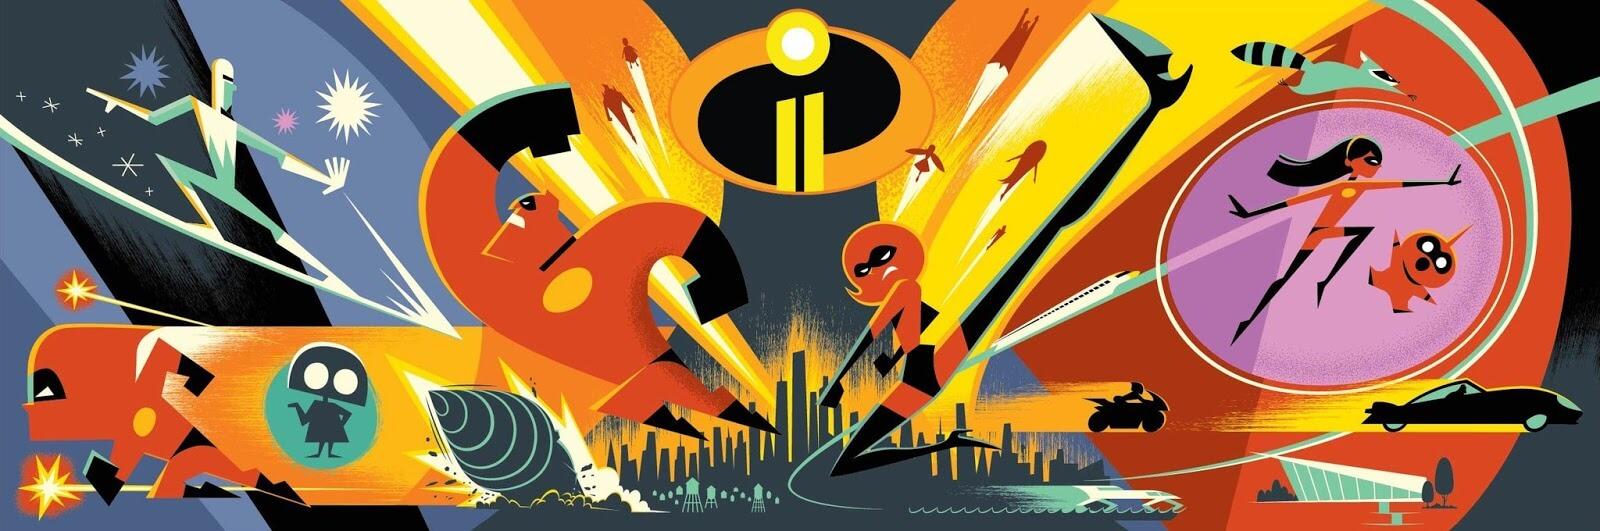 超人特攻隊2 (Incredibles 2) 皮克斯最佳續集誕生